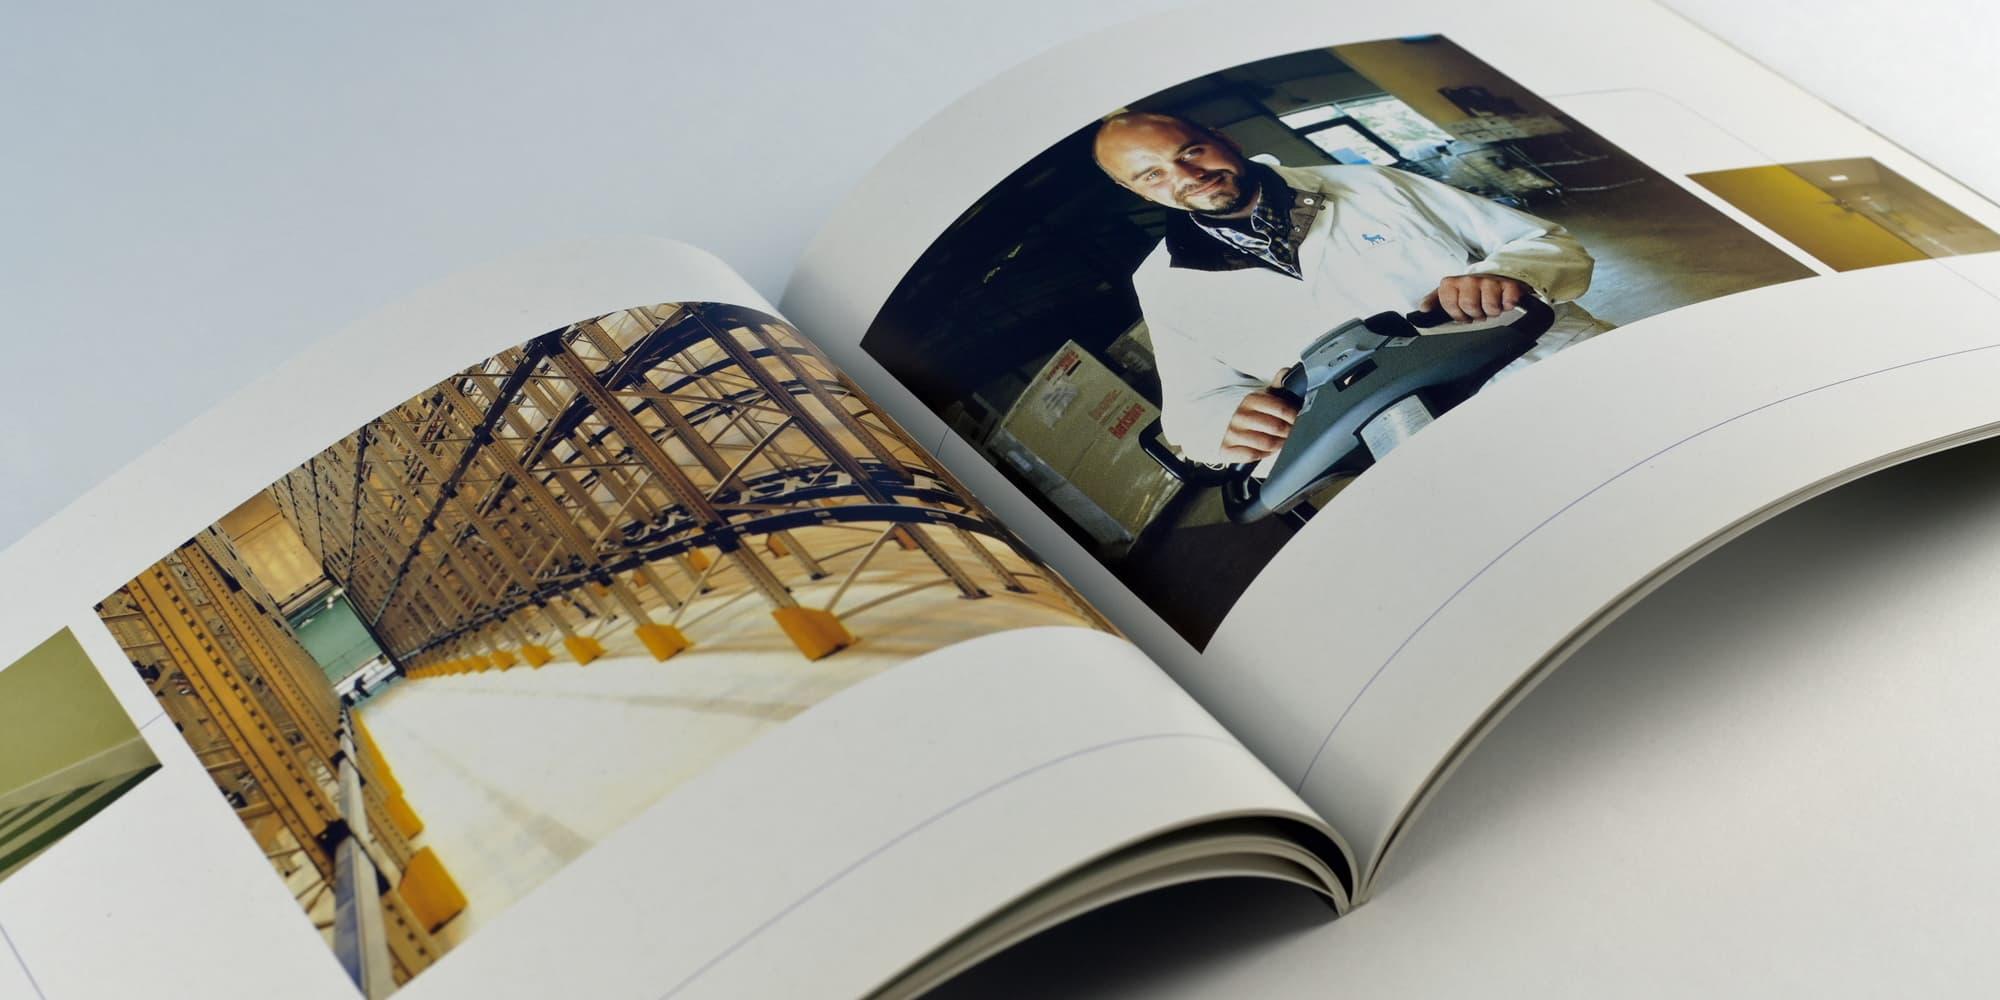 Un livre d'entreprise comme cadeau client pour le laboratoire Novo Nordisk